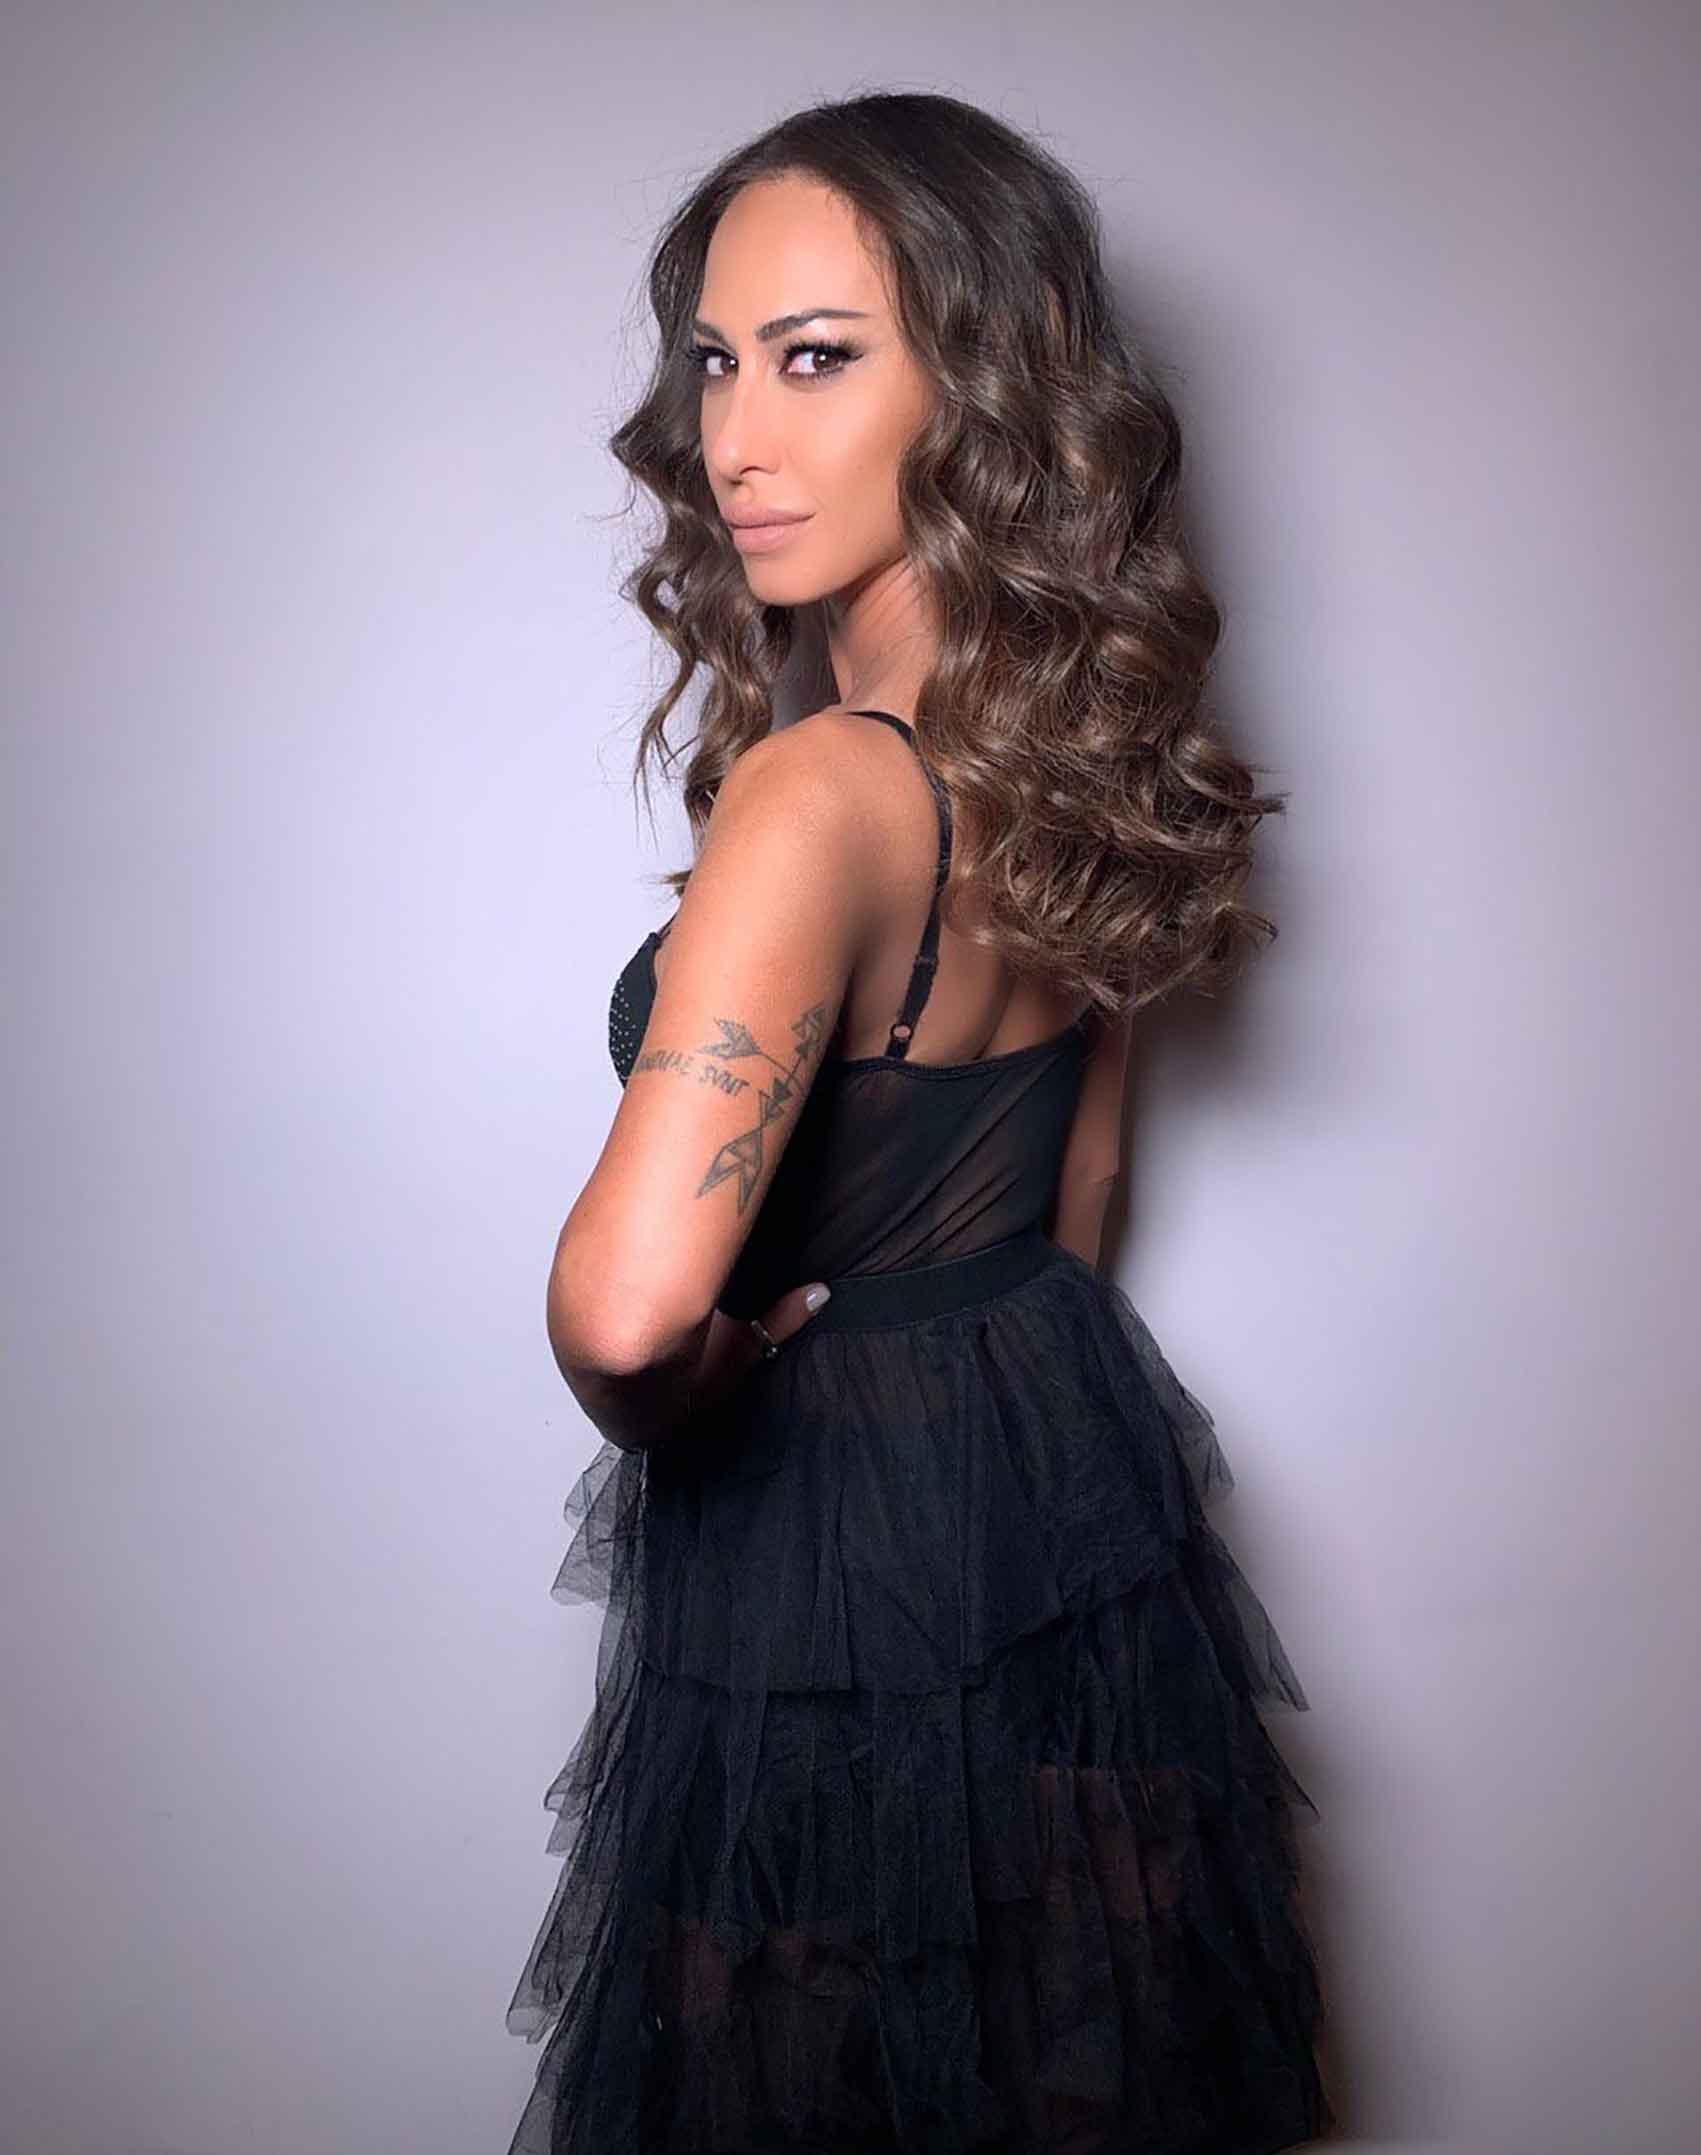 אמלי פרי - צילום גילי אלגבי - מגזין אופנה